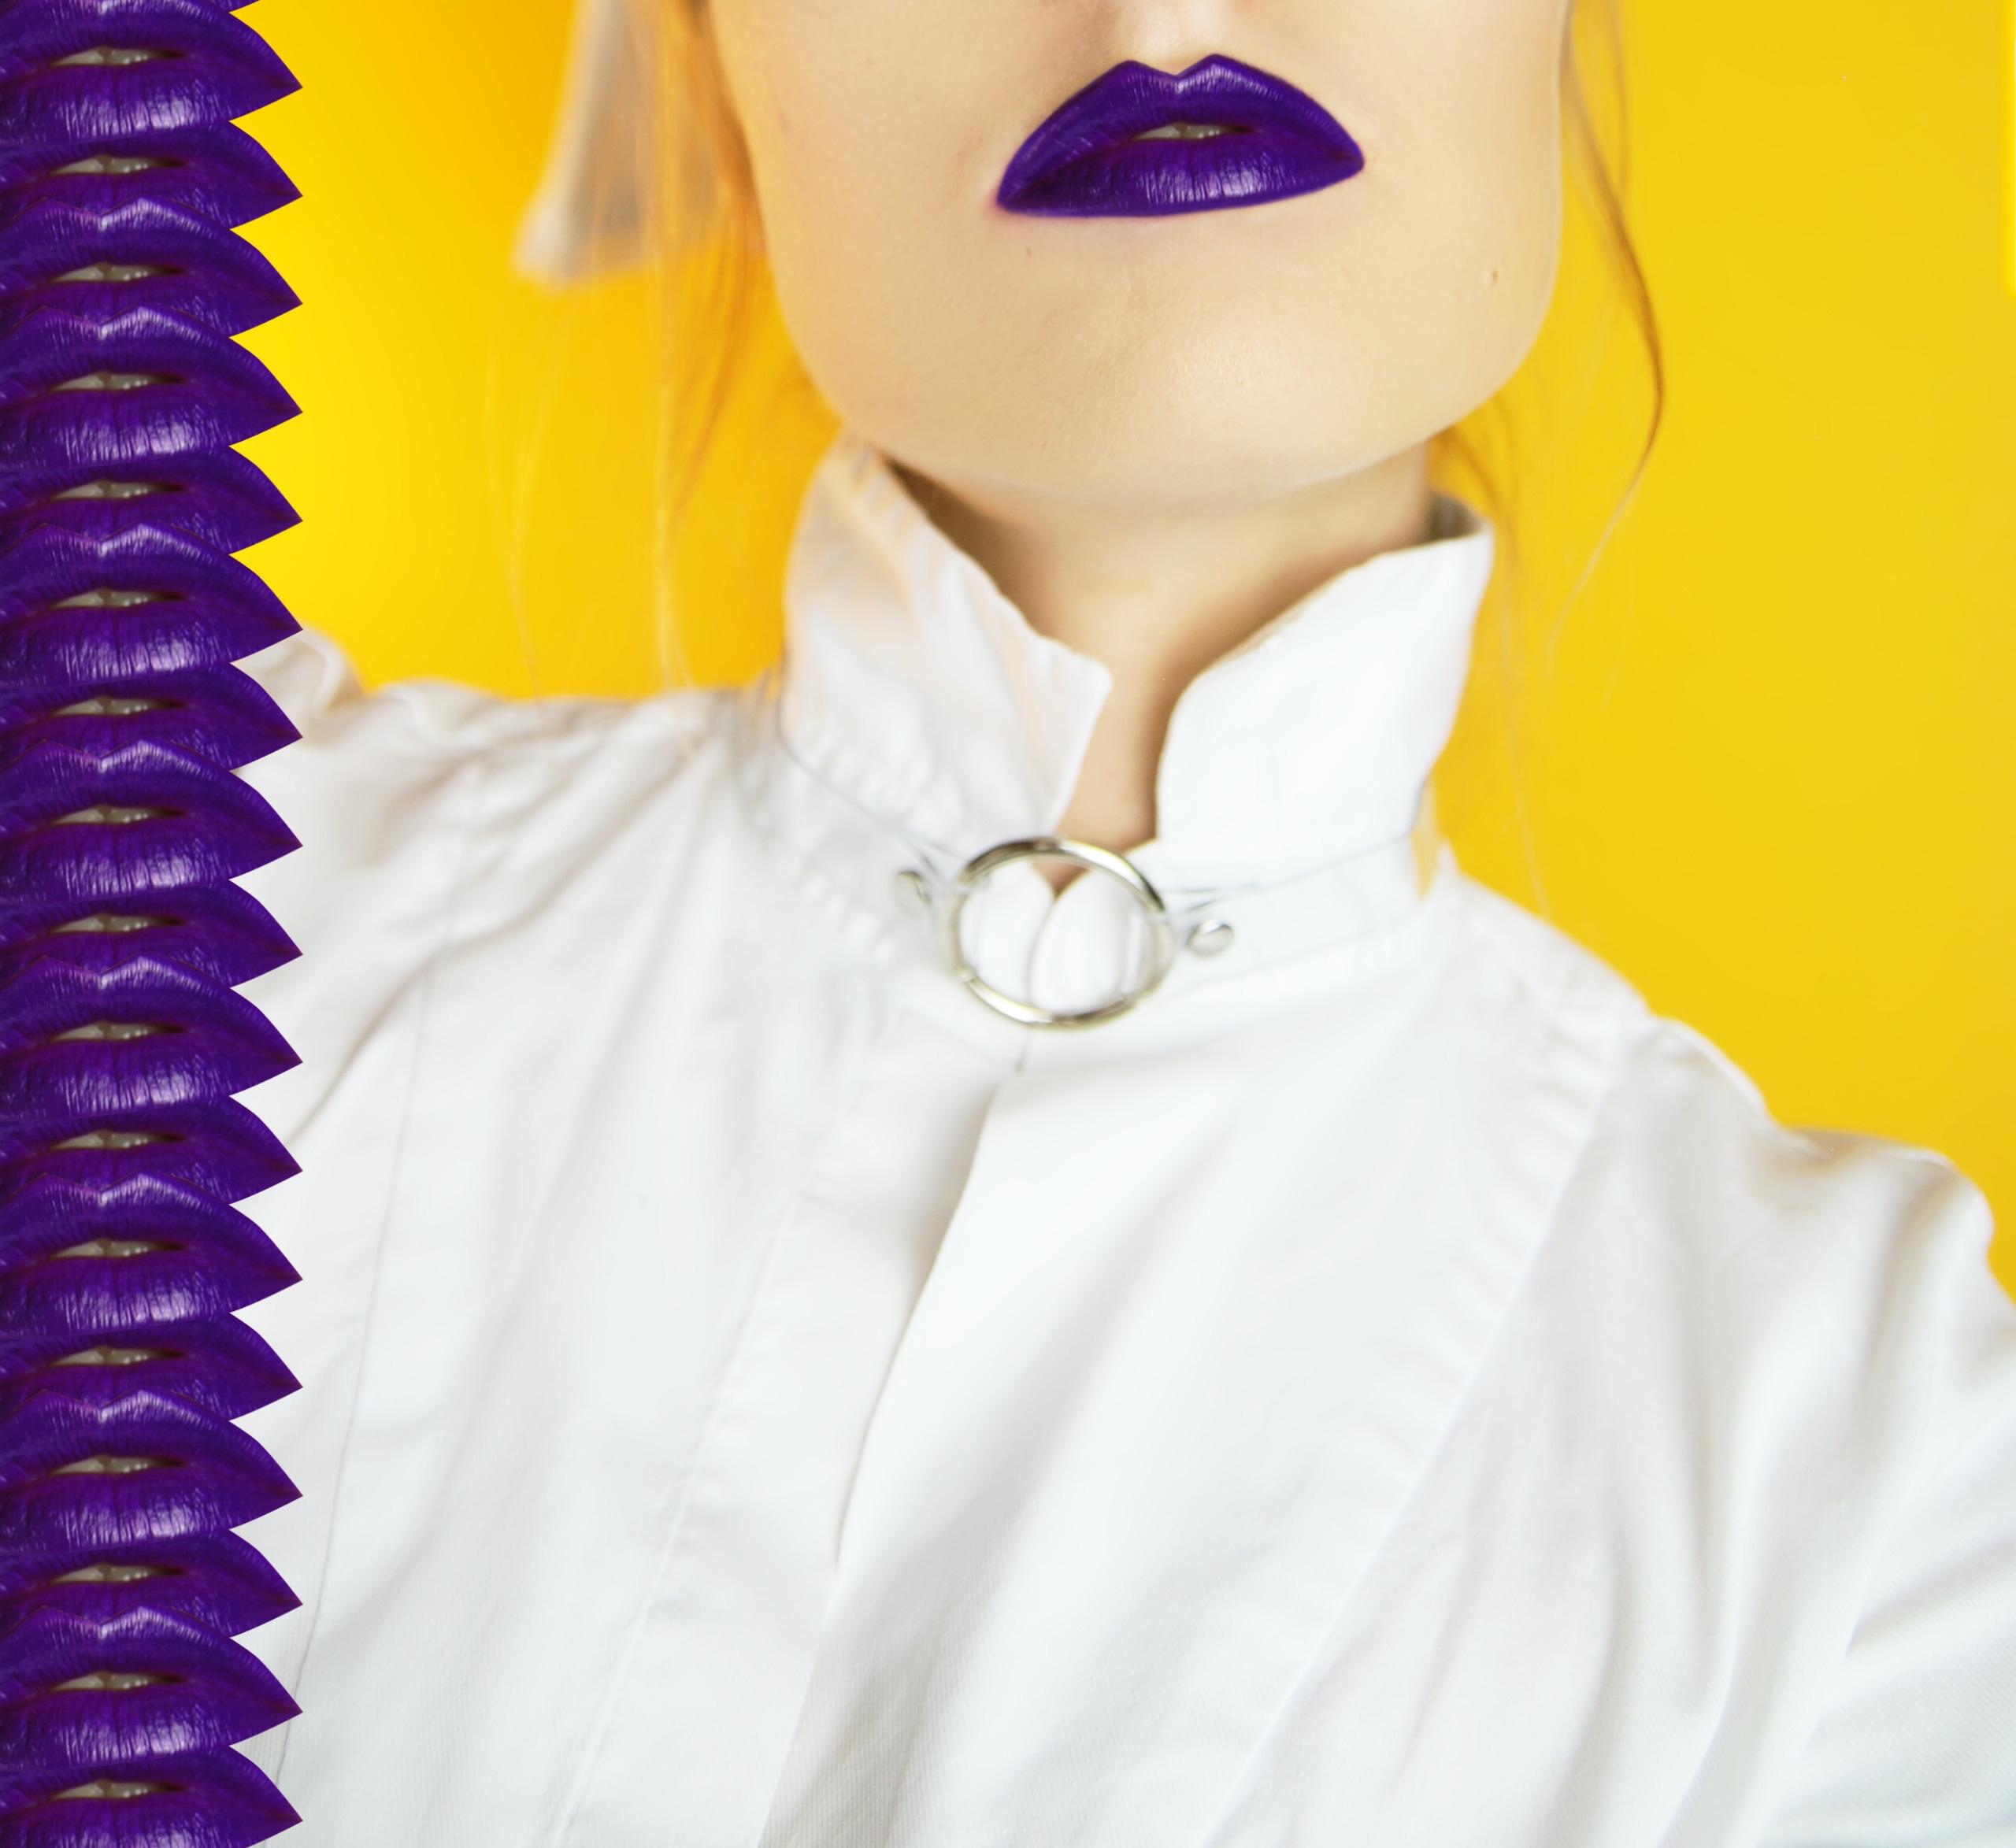 Zdjęcie przedstawia zbliżenie na popiersie kobiety z fioletowymi ustami. Kobieta ma białą koszulę i ozdobę na szyi, widzimy żółte tło, a z lewej strony wzór złożony z ust.